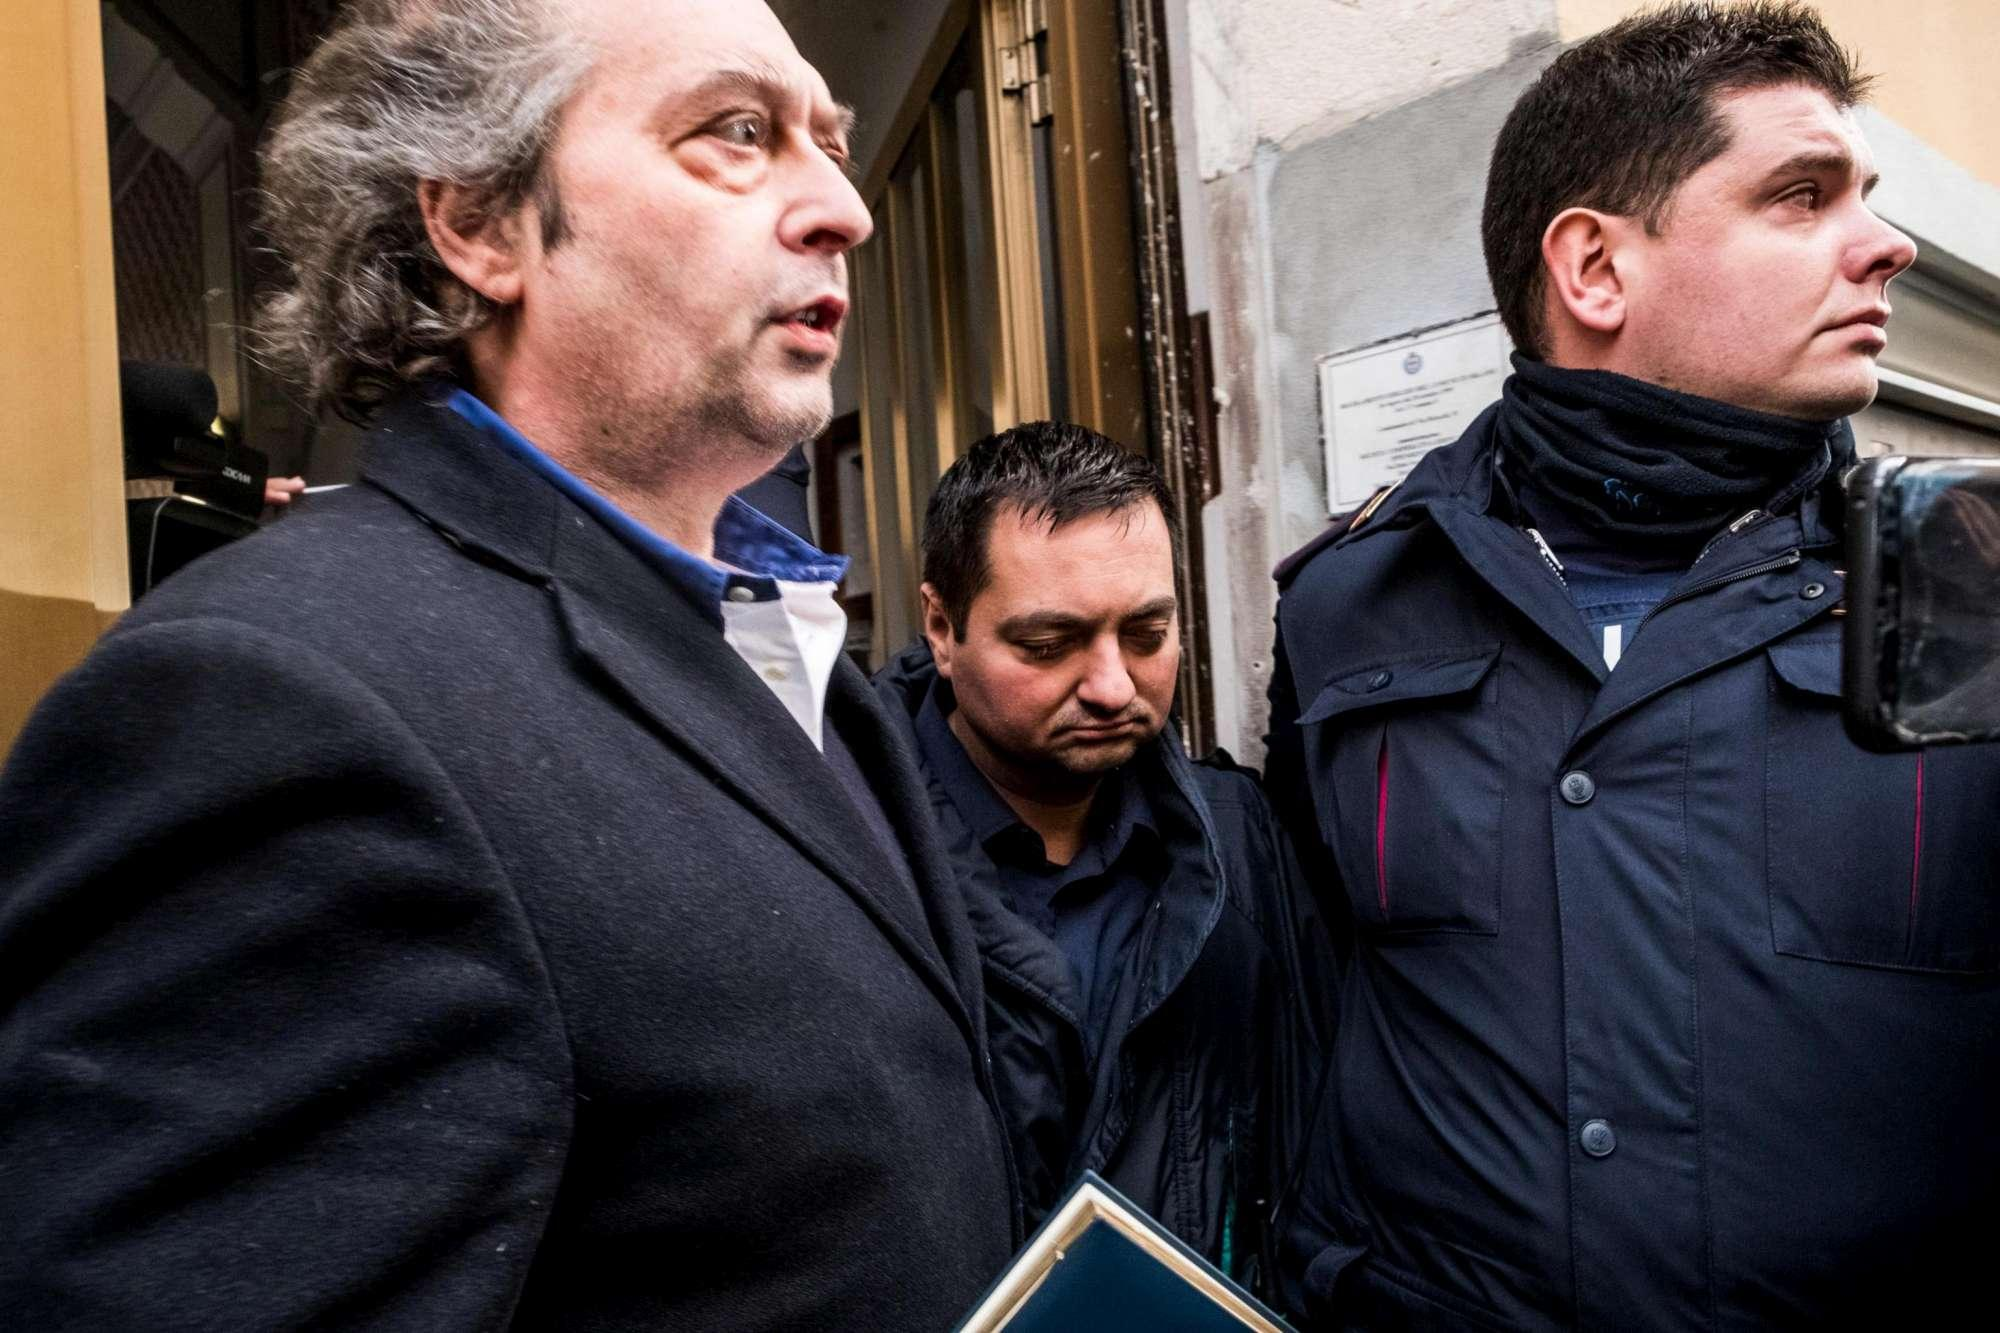 Delitto Milano, il fermo del tranviere Alessandro Garlaschi